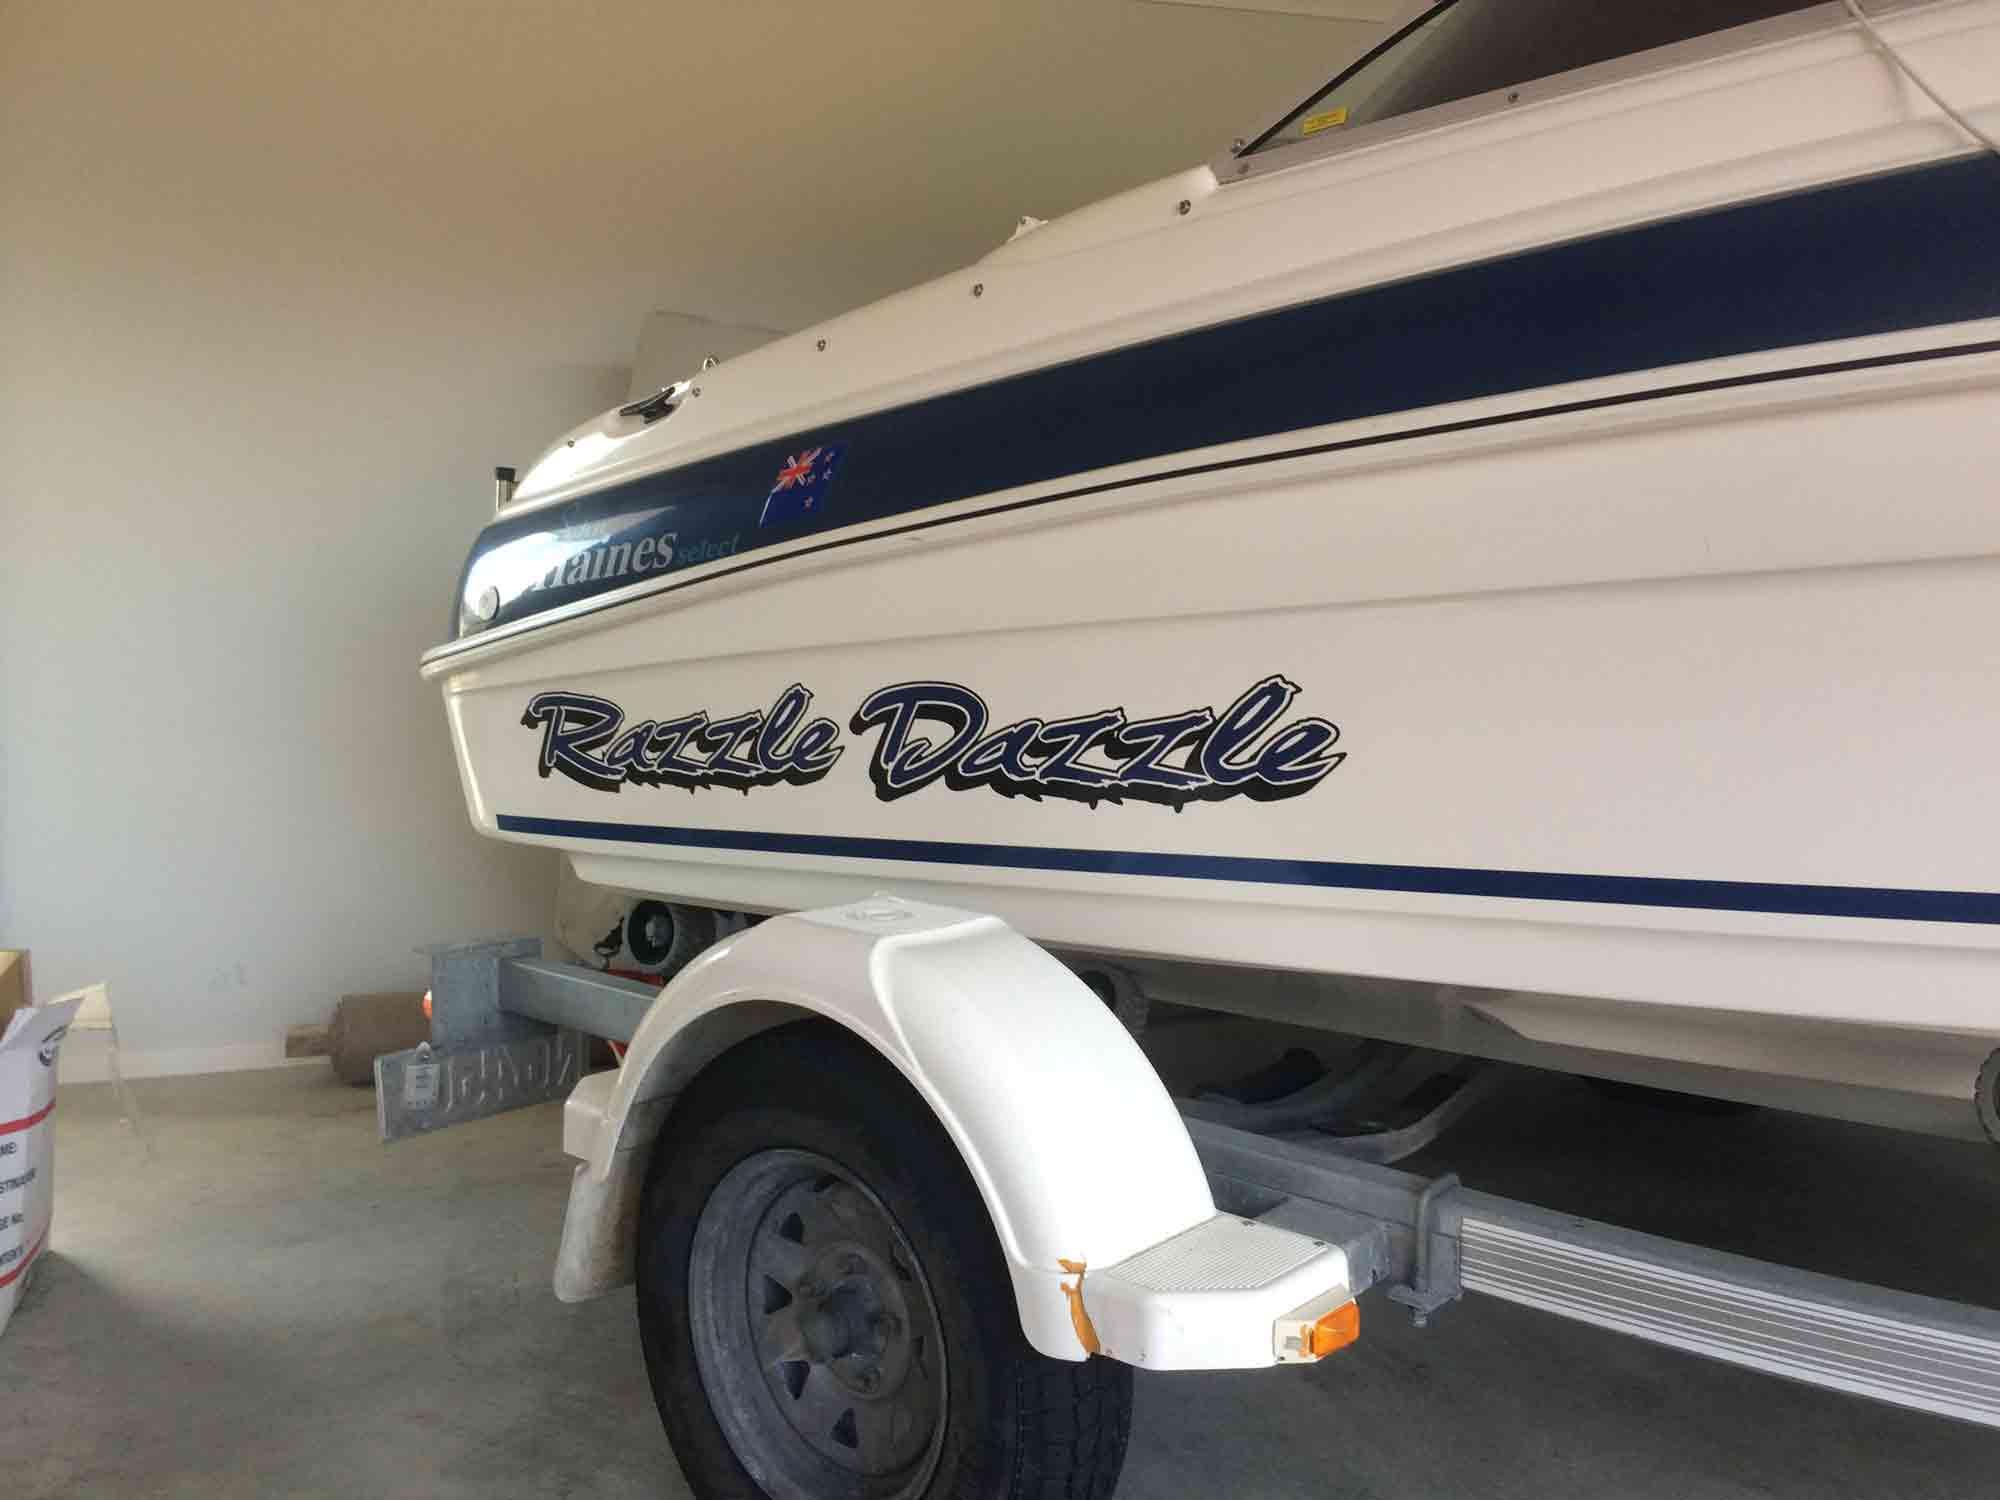 Boat signage bay of plenty tauranga mount maunganui NZ